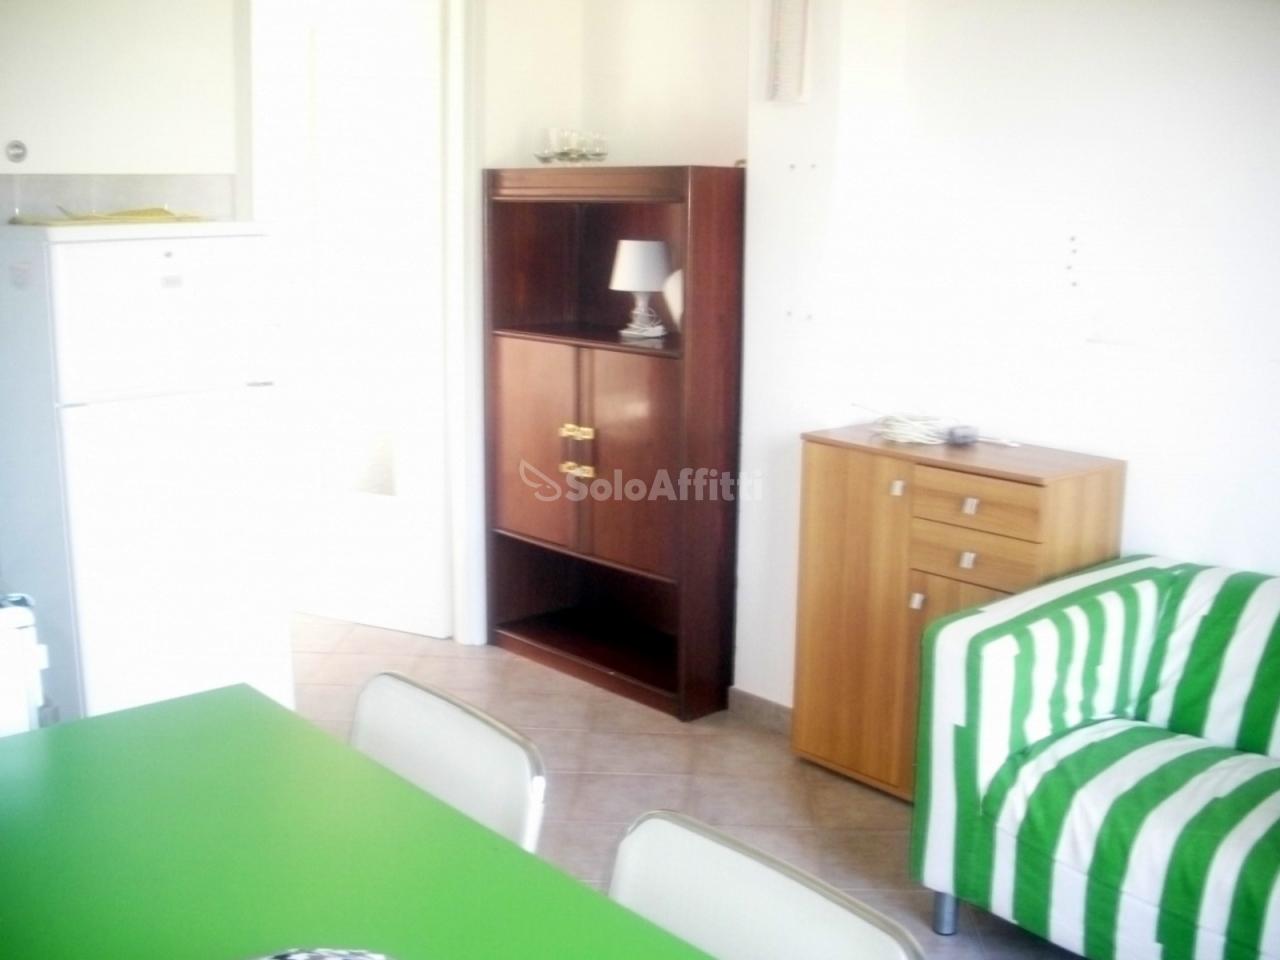 Appartamento in affitto a rubiana torino rif av282 for Affitto casa torino